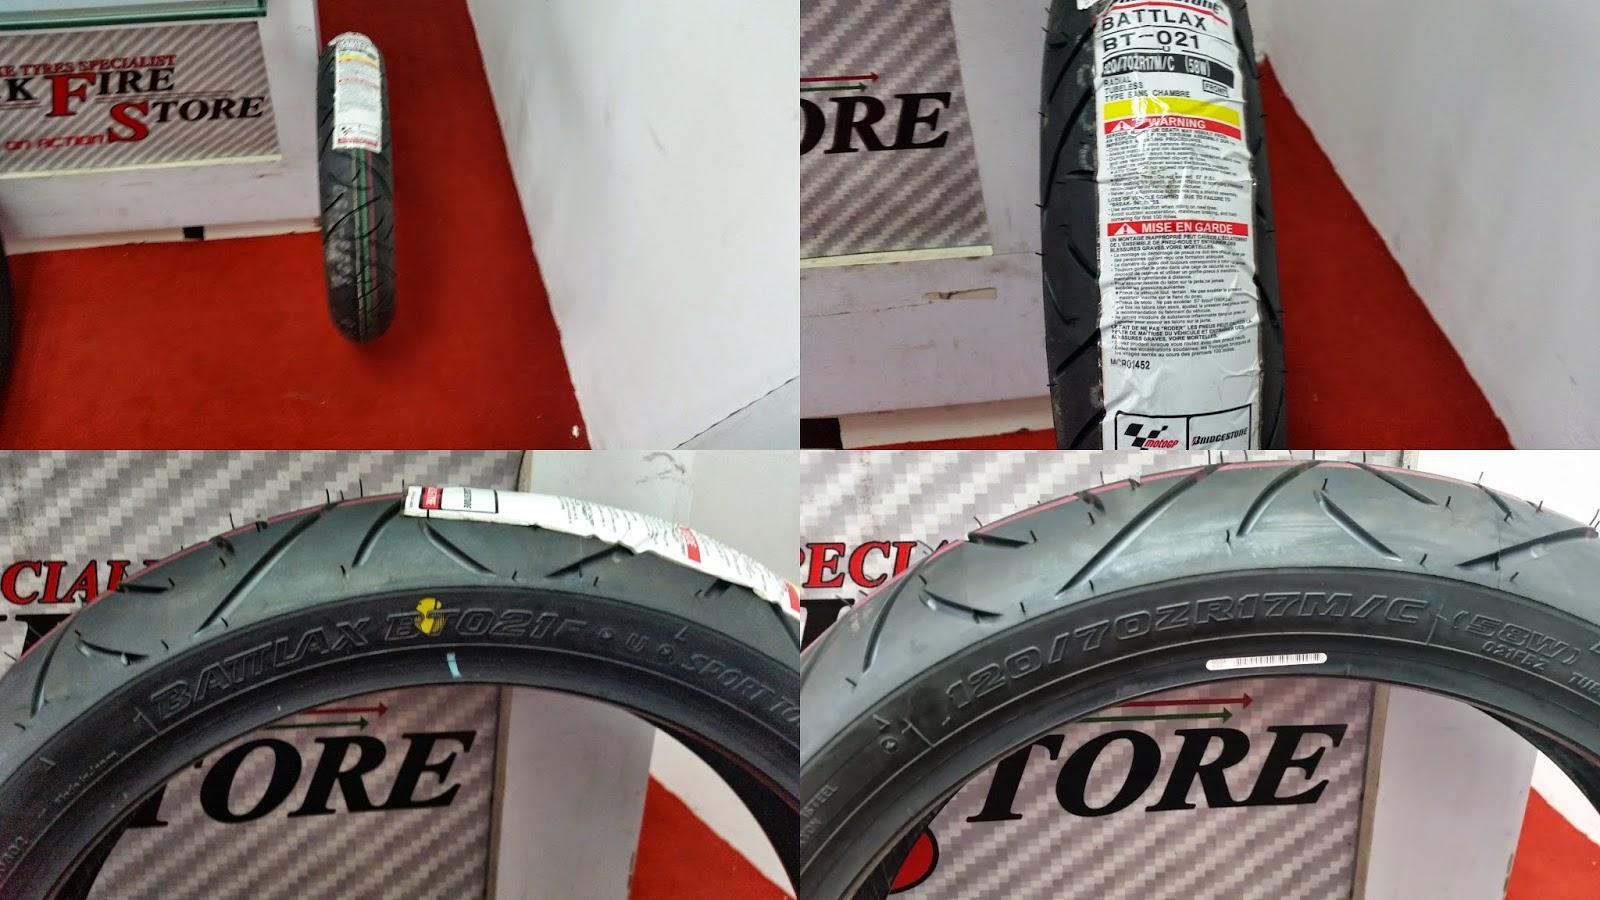 Blackfire Store Superbike Tyres Bike Parts Zeneos Zn 62 120 70 17 Bridgestone Battlax Bt 021 Size Front